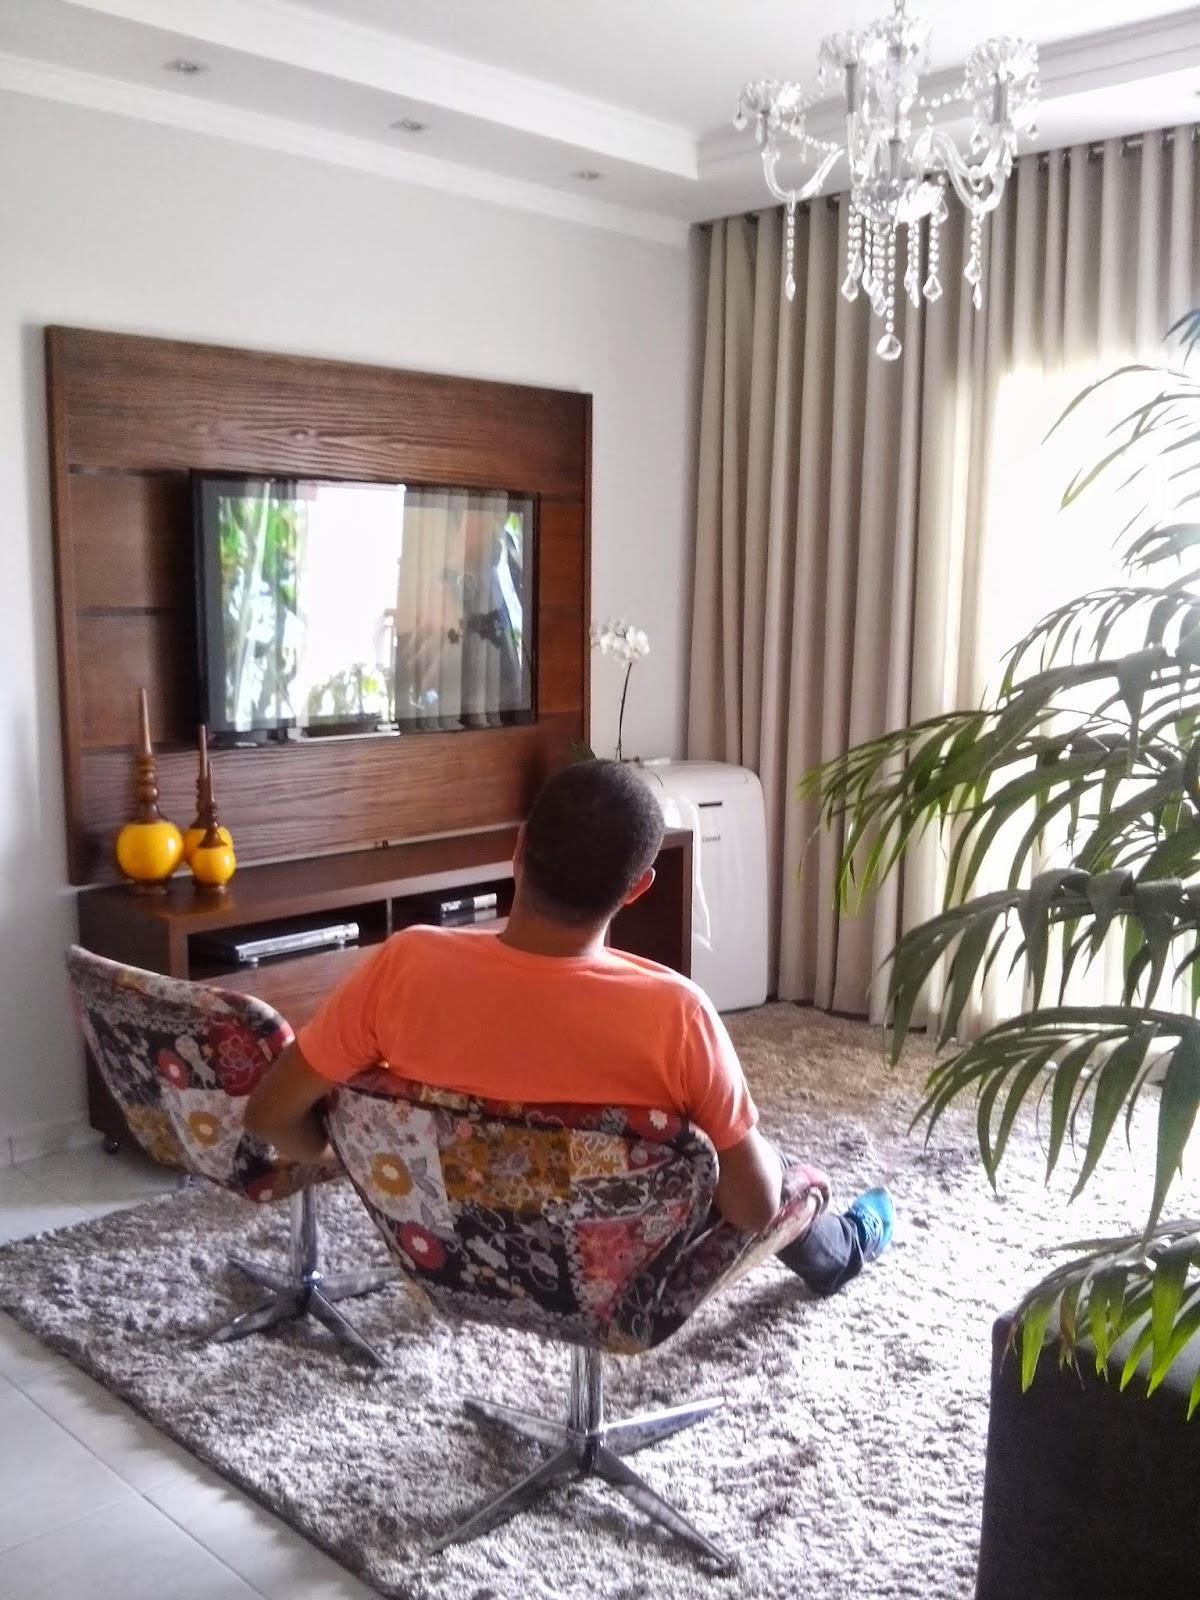 #A53A26 Outro angulo da sala esse tapete é um sonho muito macio quando  1200x1600 píxeis em Decoração De Sala De Tv Com Tapete E Almofadas